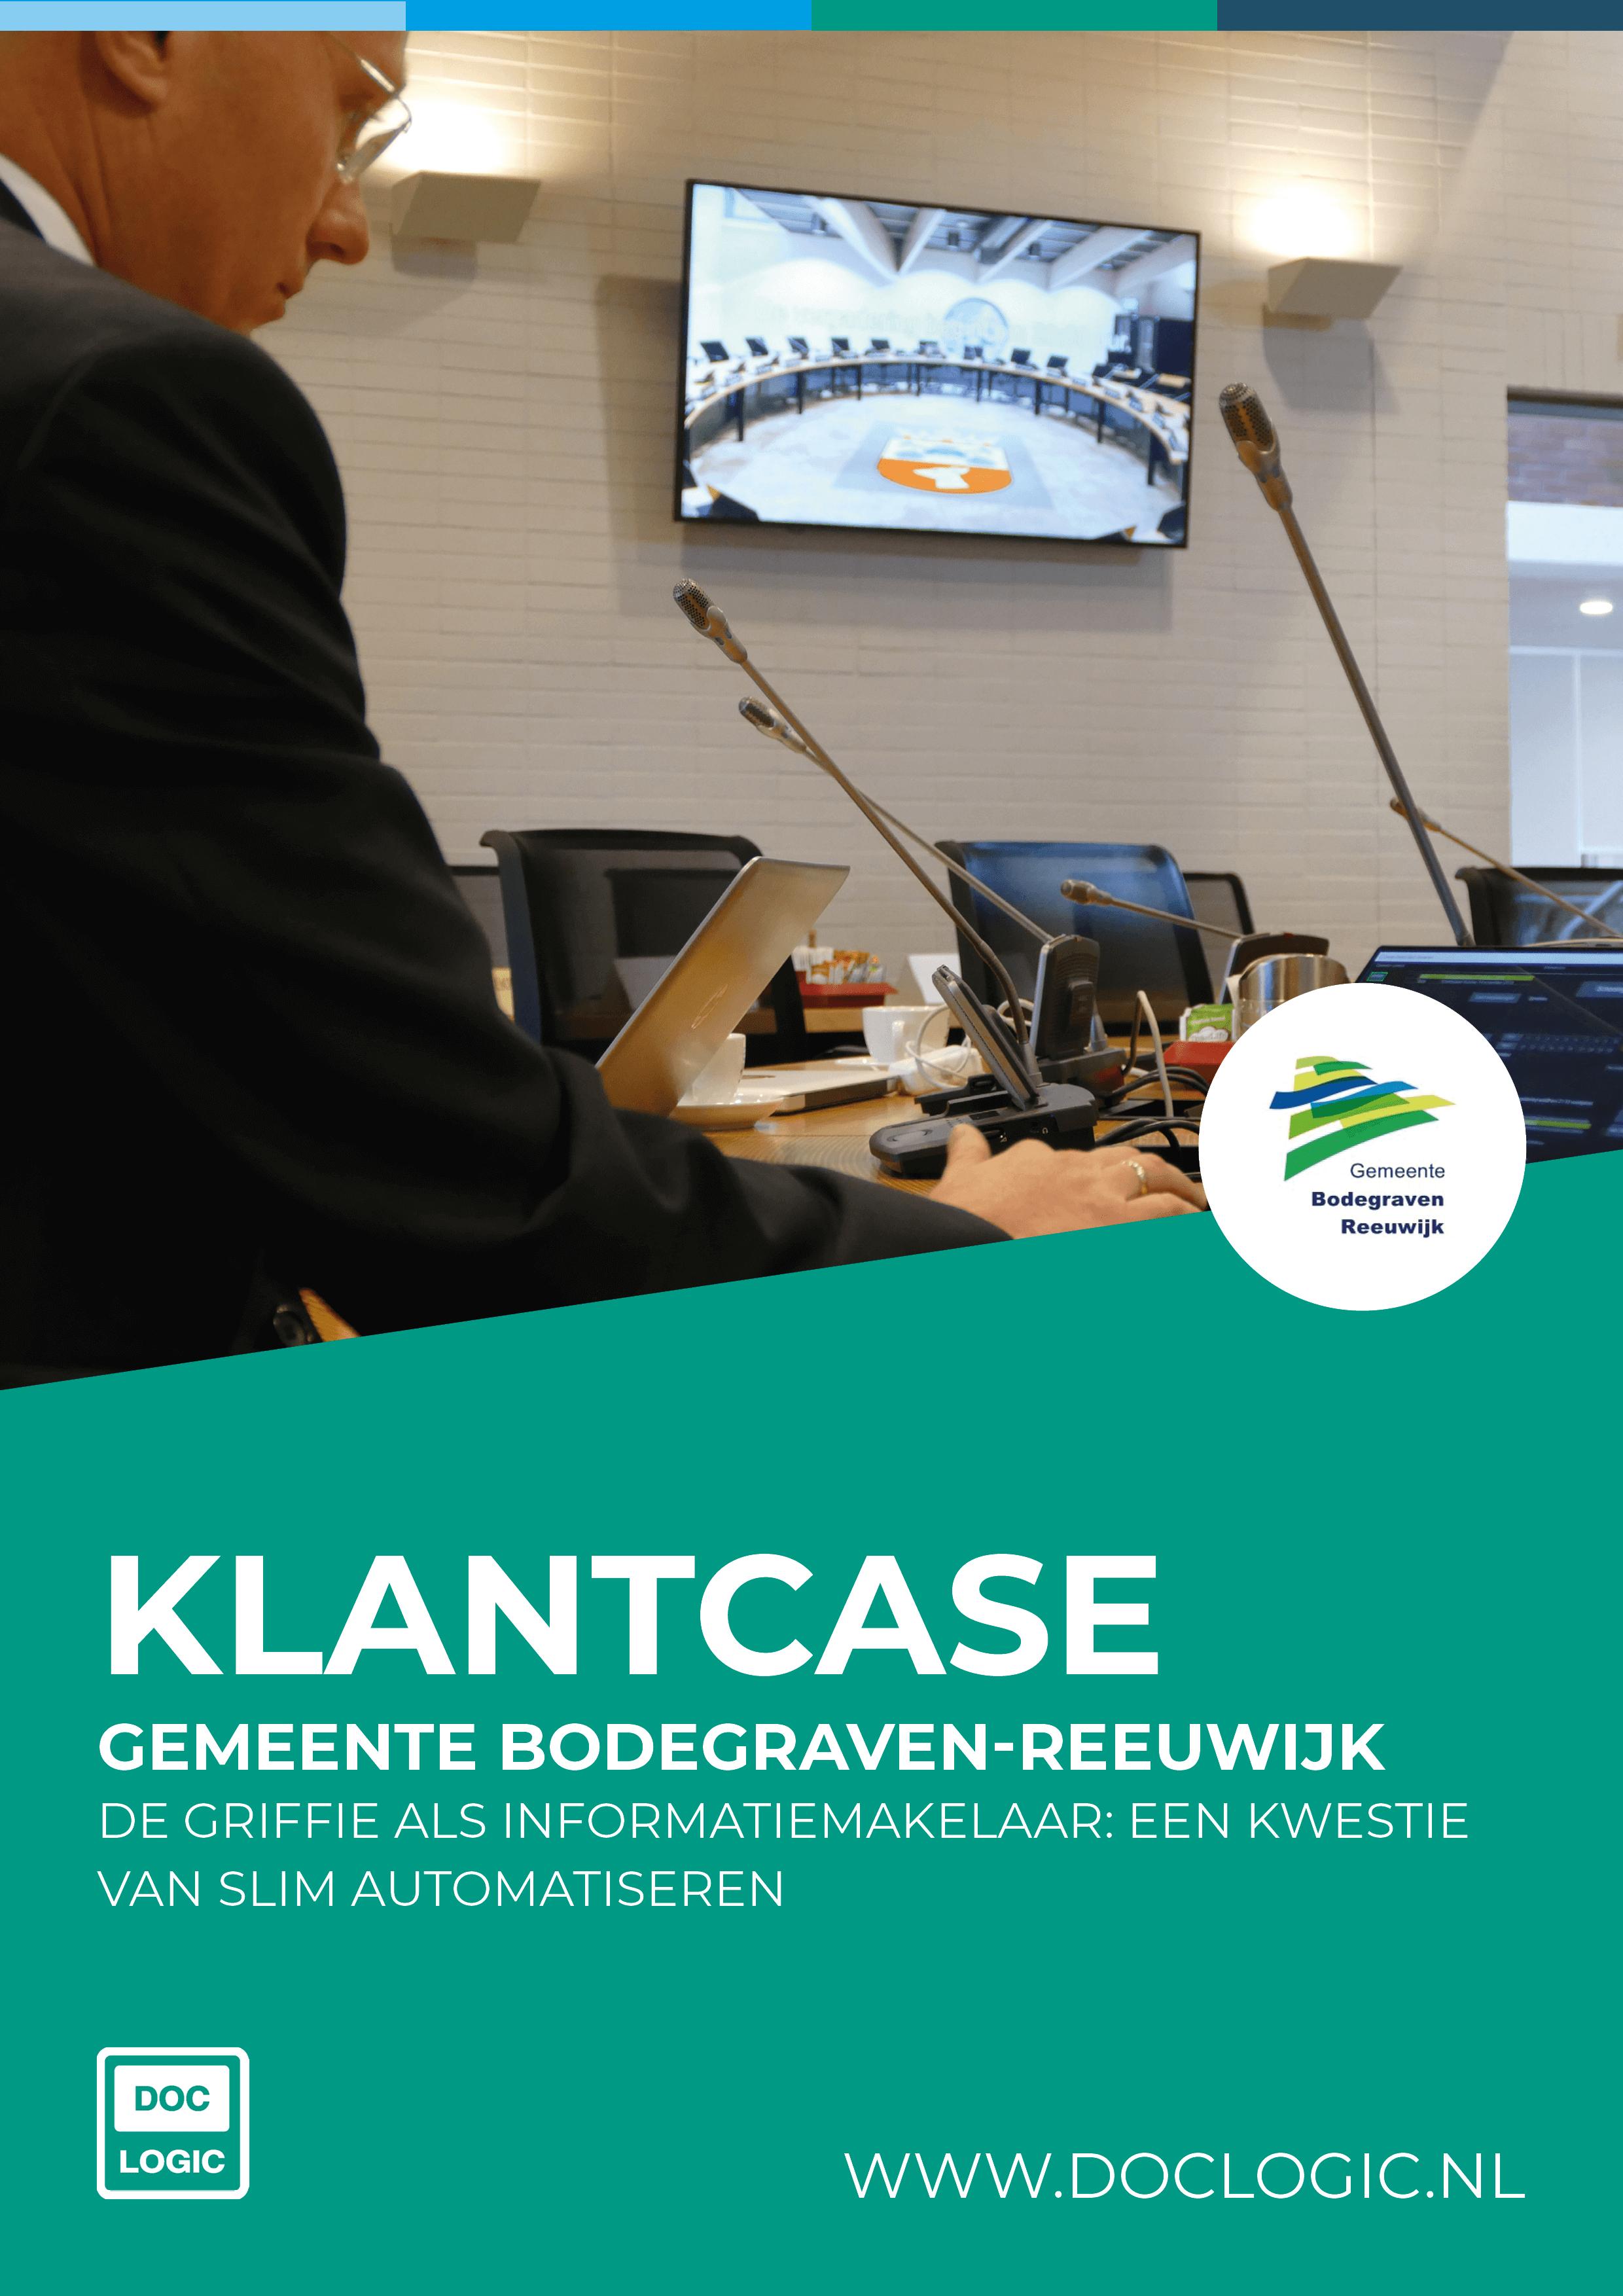 Klantcase Gemeente Bodegraven-Reeuwijk